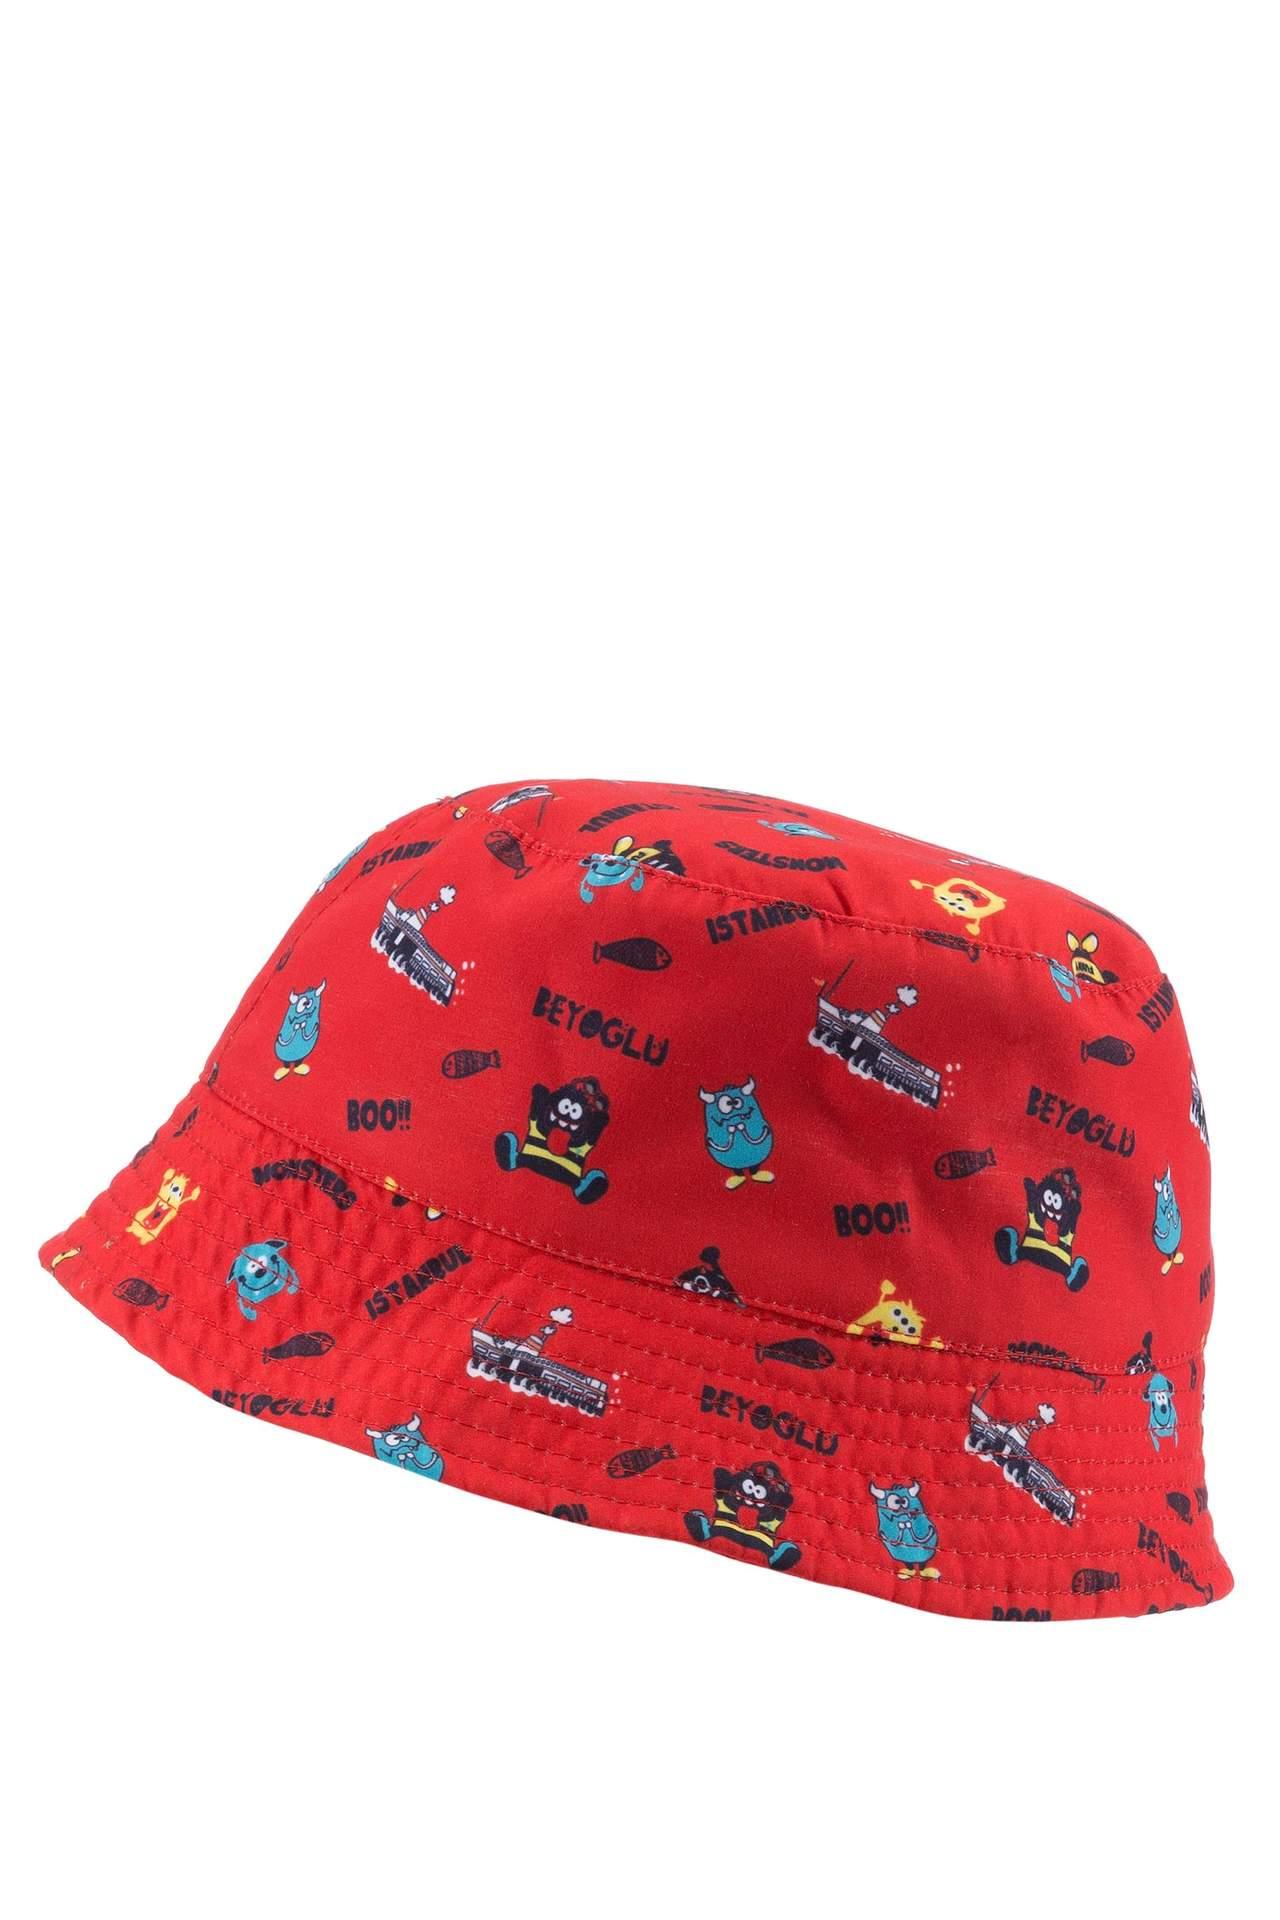 DeFacto Erkek Çocuk Tema Baskılı Şapka Kırmızı male